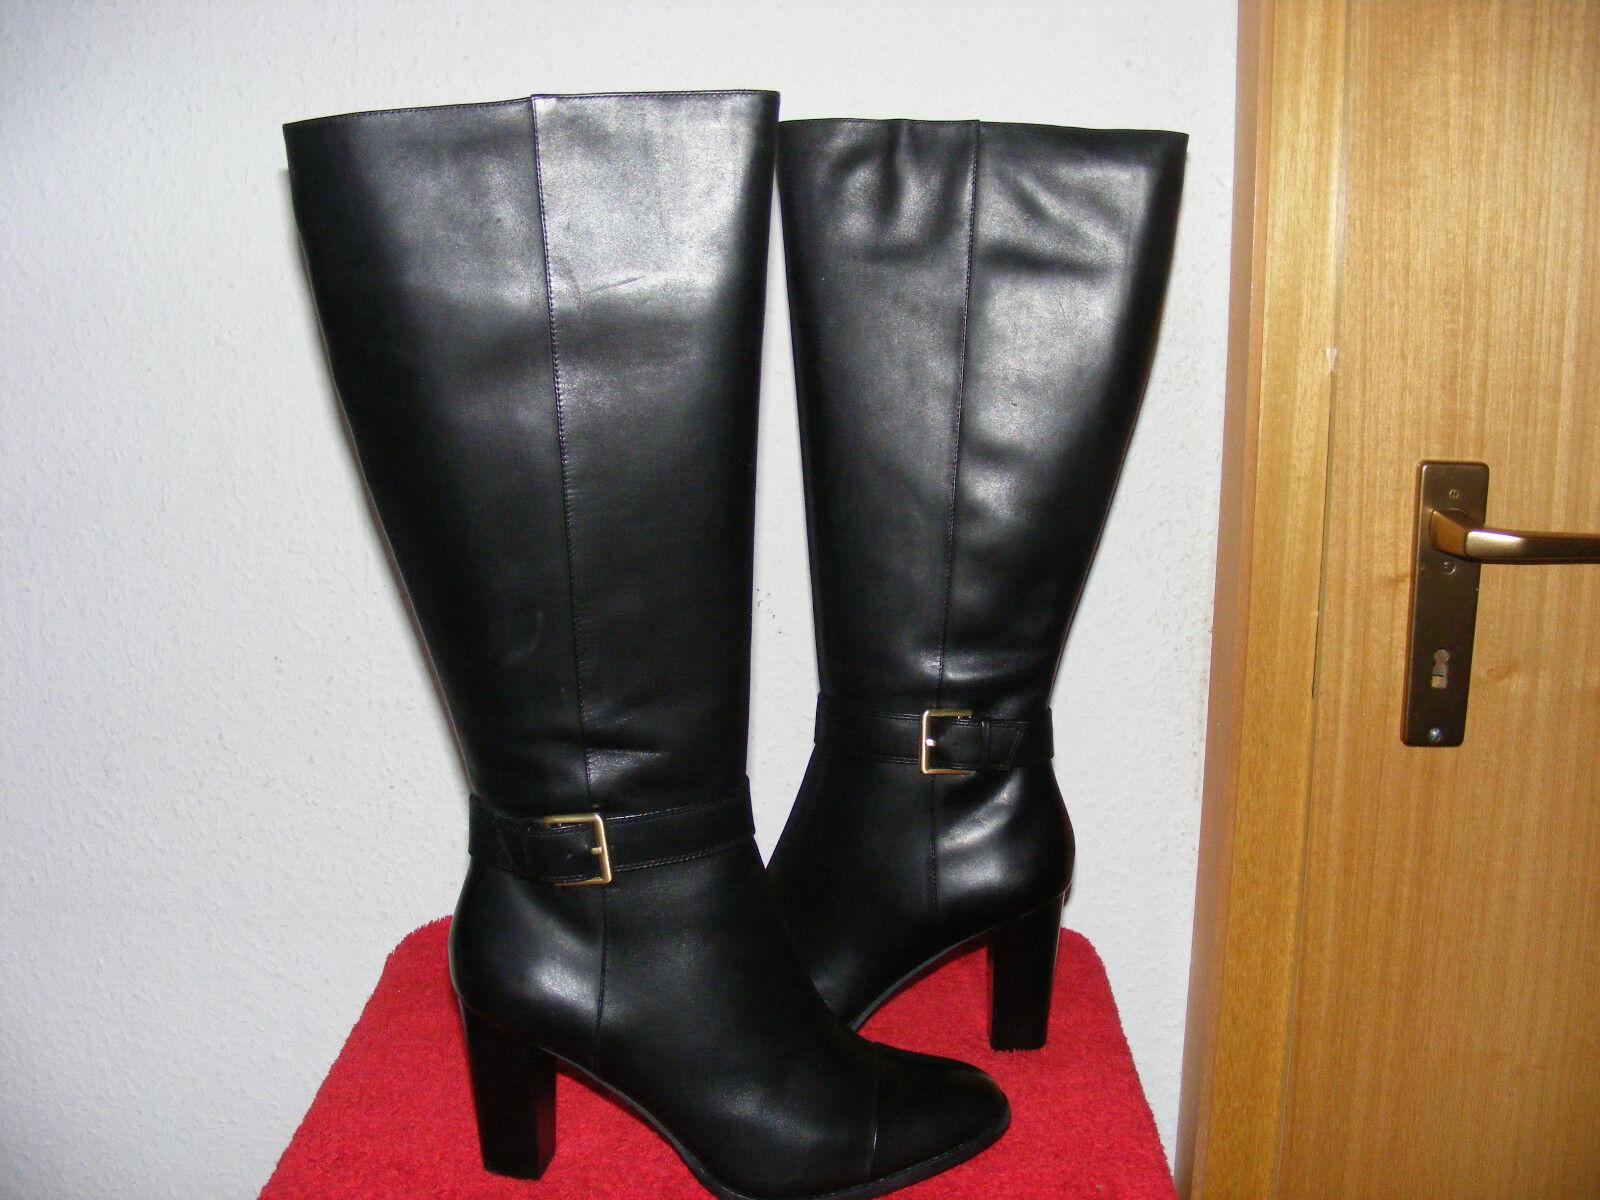 CLARKS schwarze Stiefel Gr 40 NEU kniehoch elegant schwarz edel NEU Absatz 8 cm